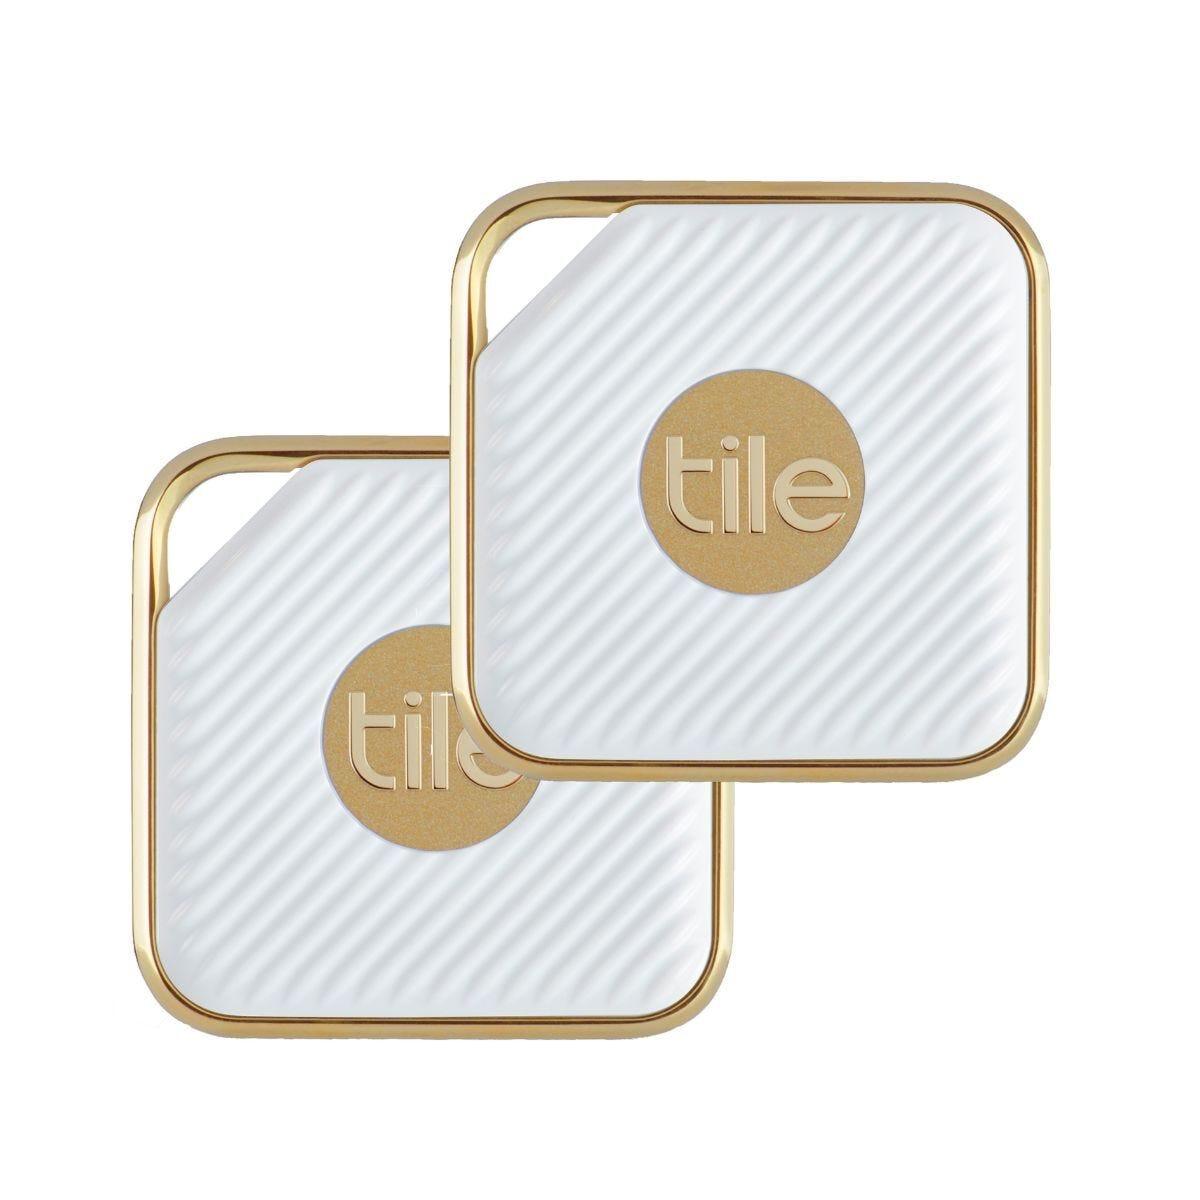 Tile Style Item Finder Pack of 2